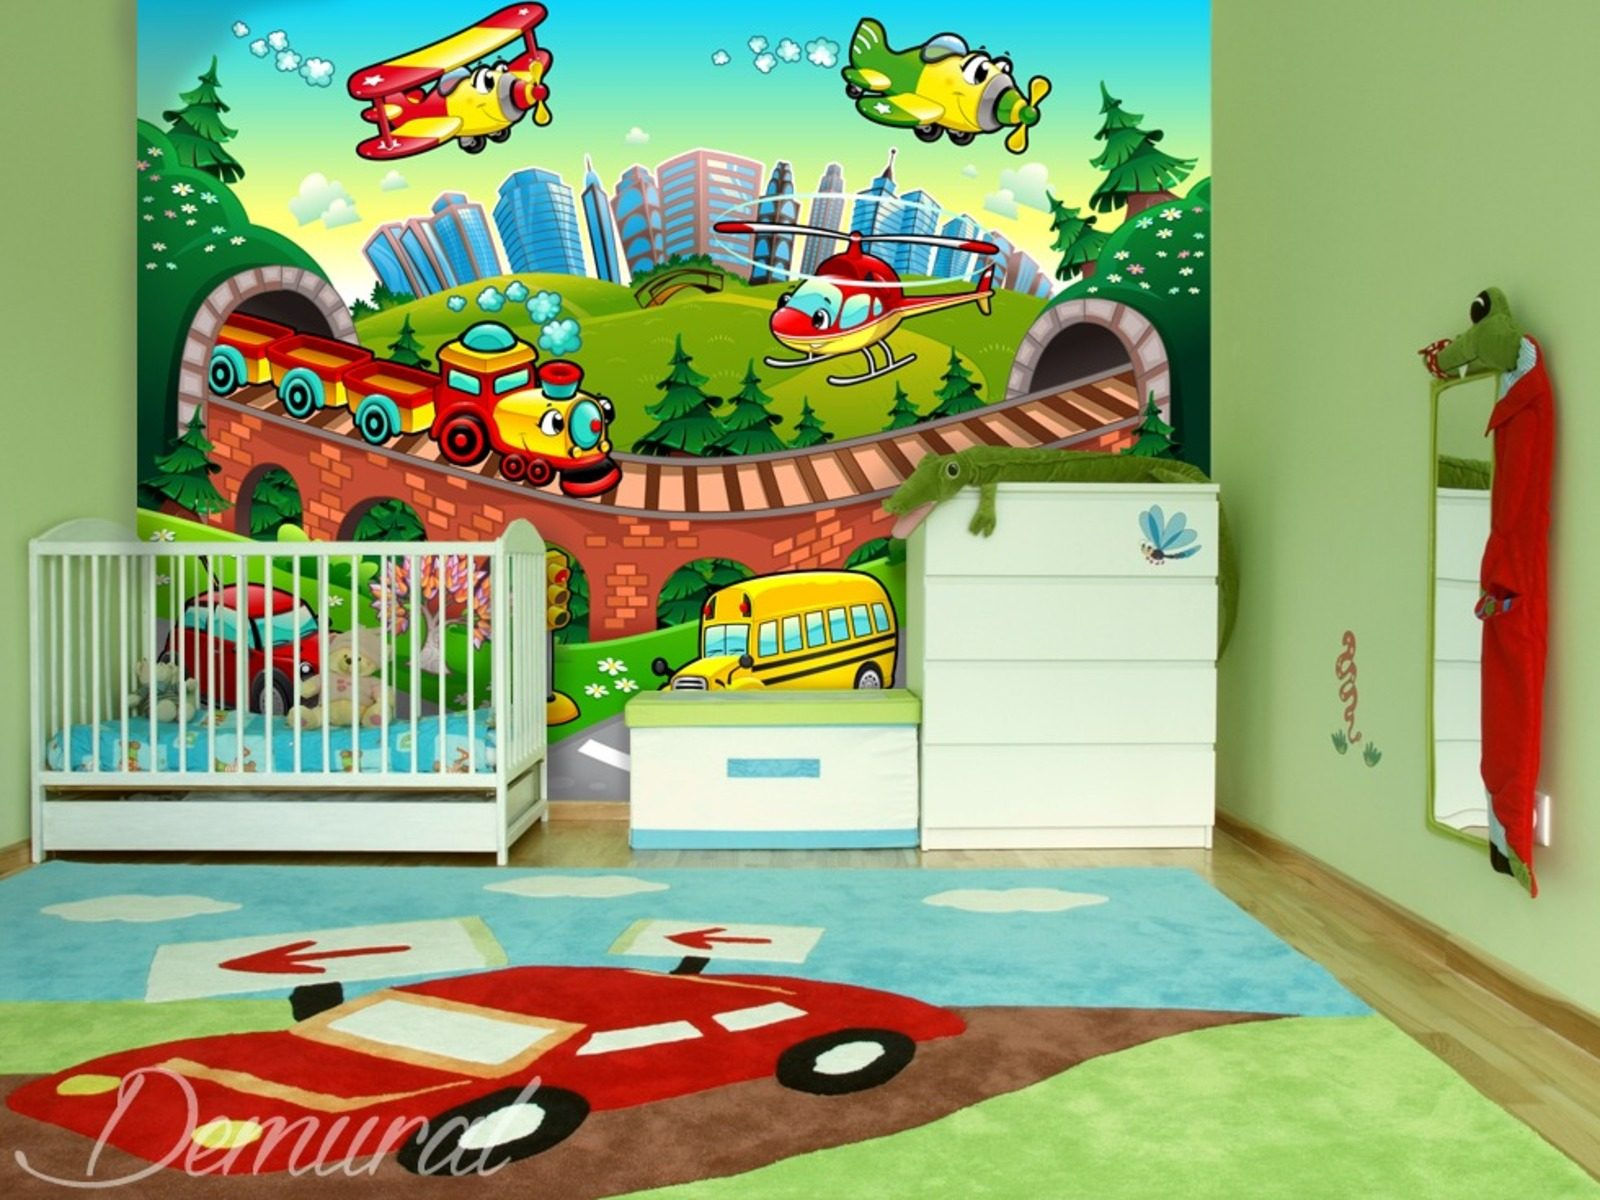 Atterissage en douceur papier peint pour la chambre d - Papier peint chambre d enfant ...